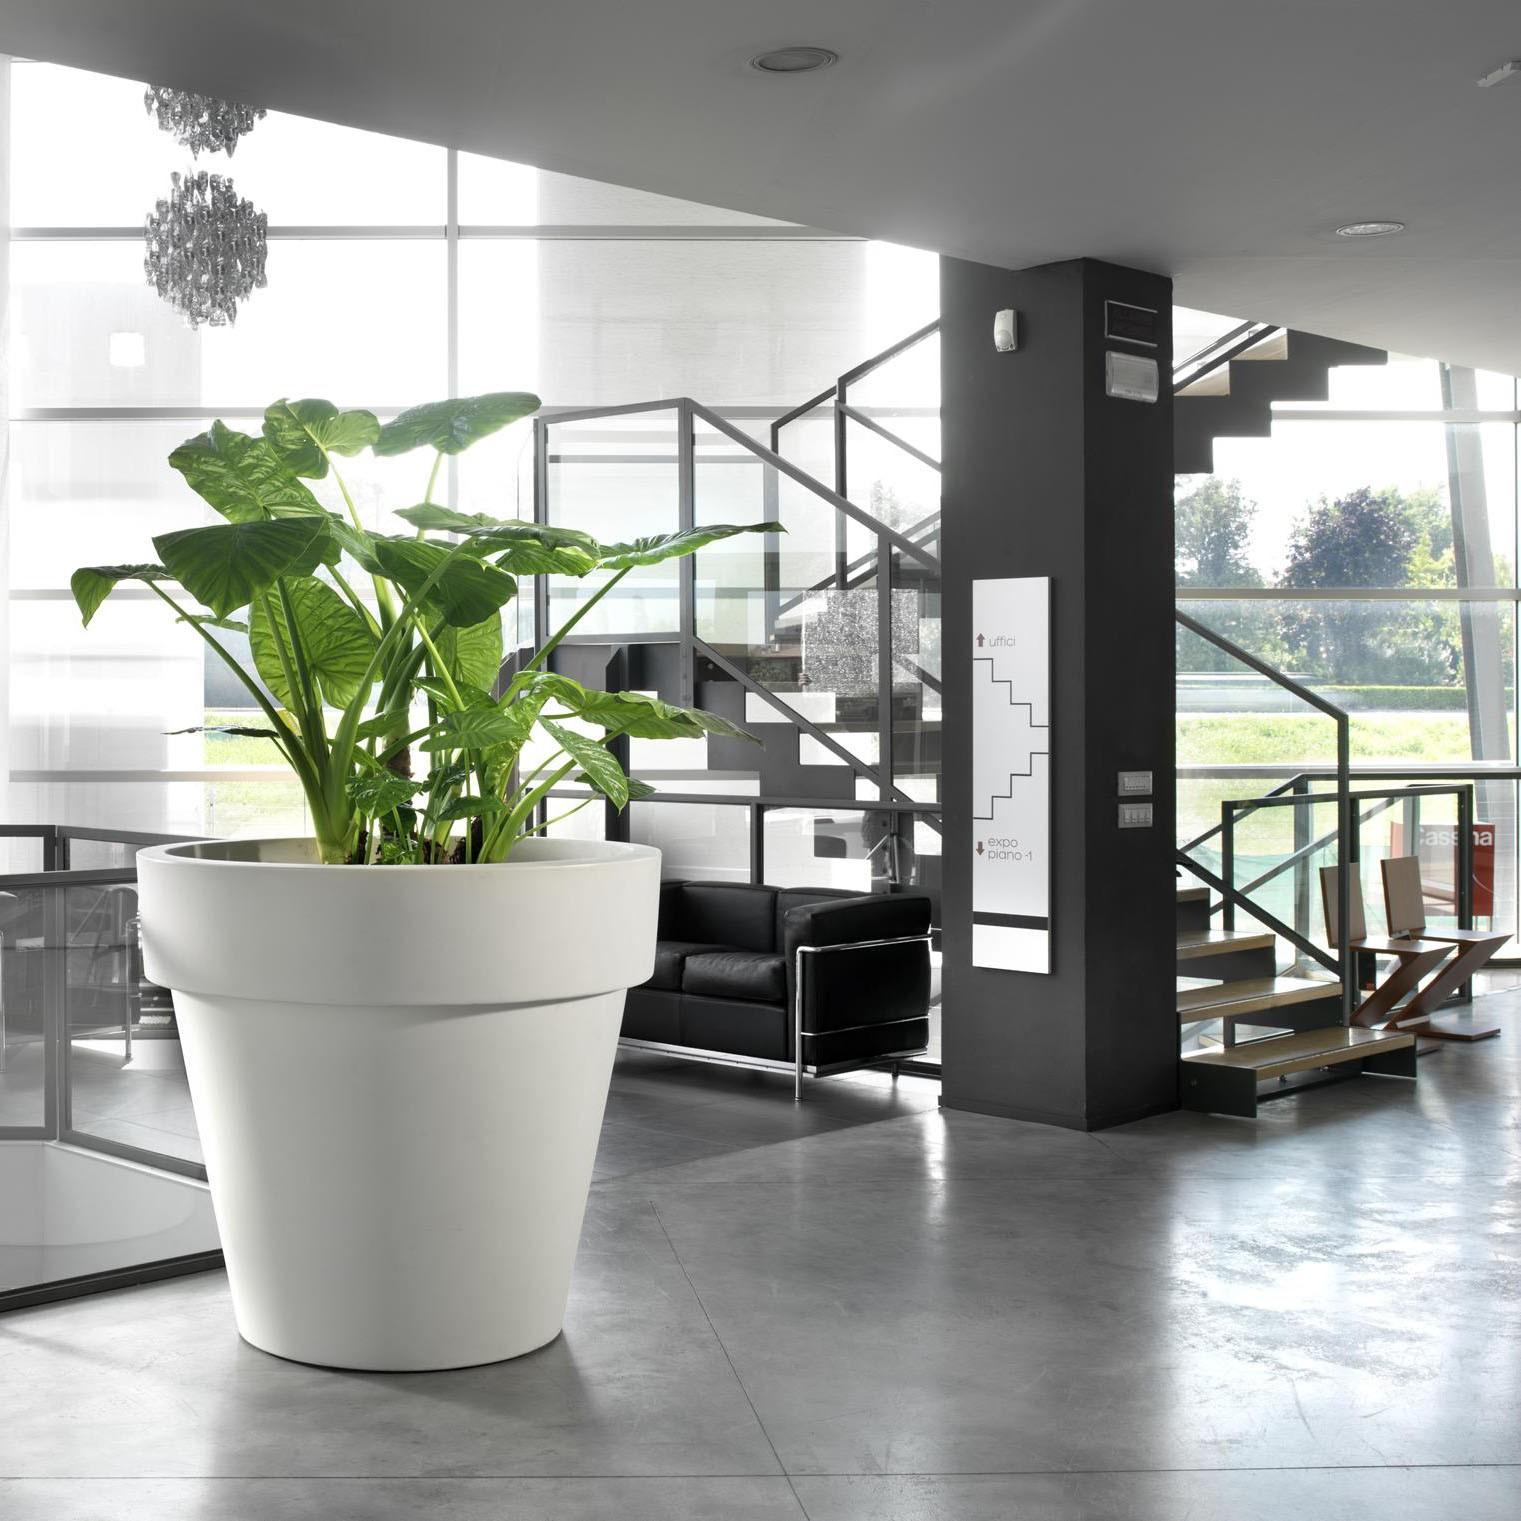 Vaso esterno grandi dimensioni standard one vendita online for Piante per ingresso esterno